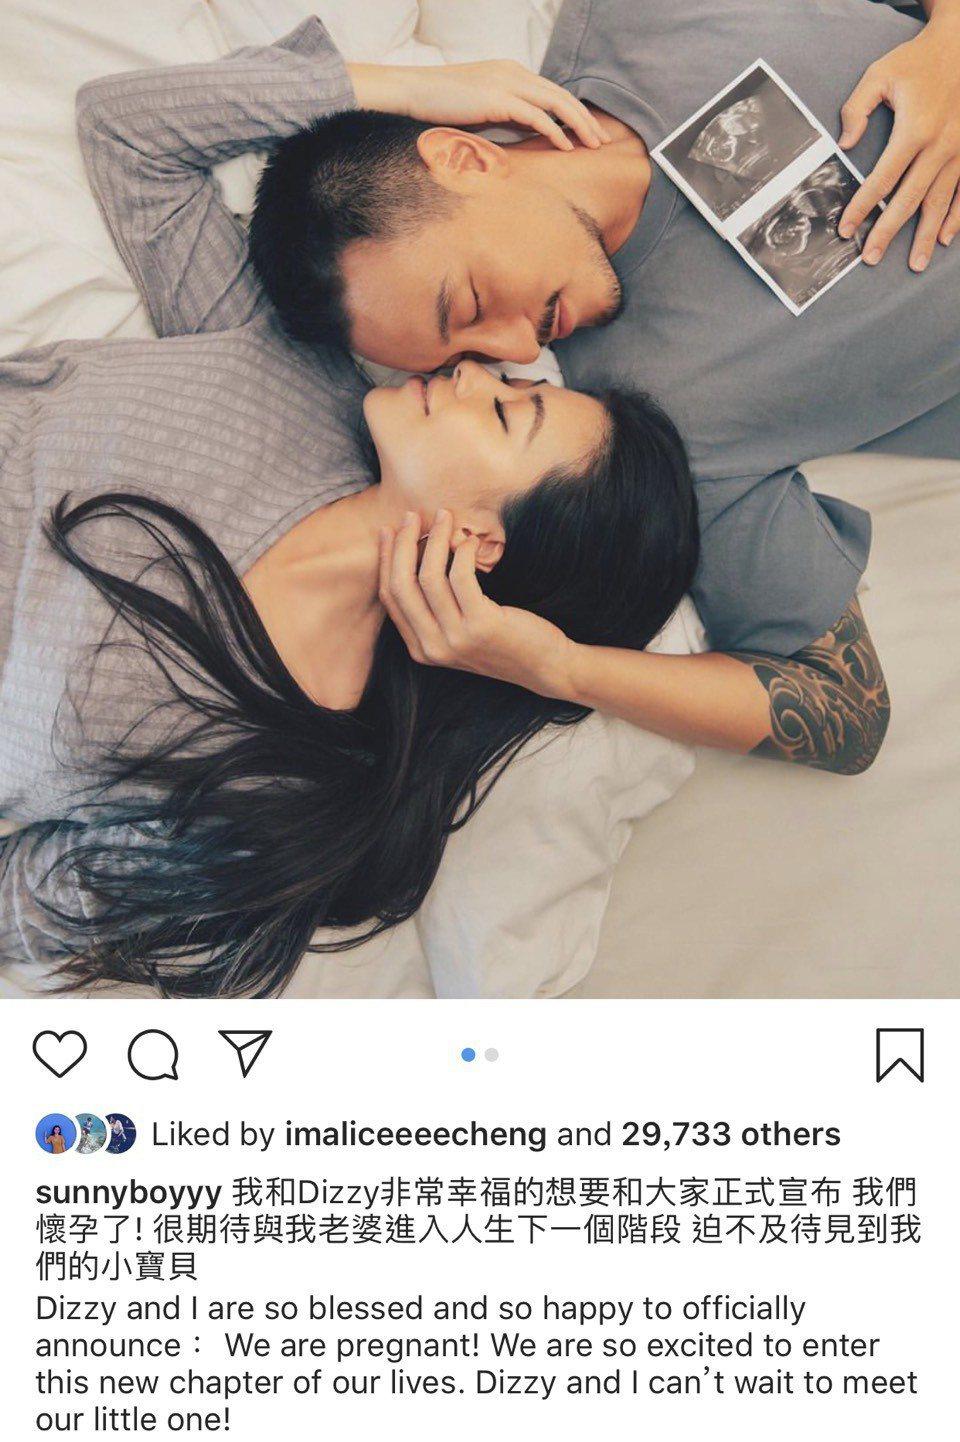 王陽明與蔡詩芸結婚4年終於做人成功。圖/摘自IG